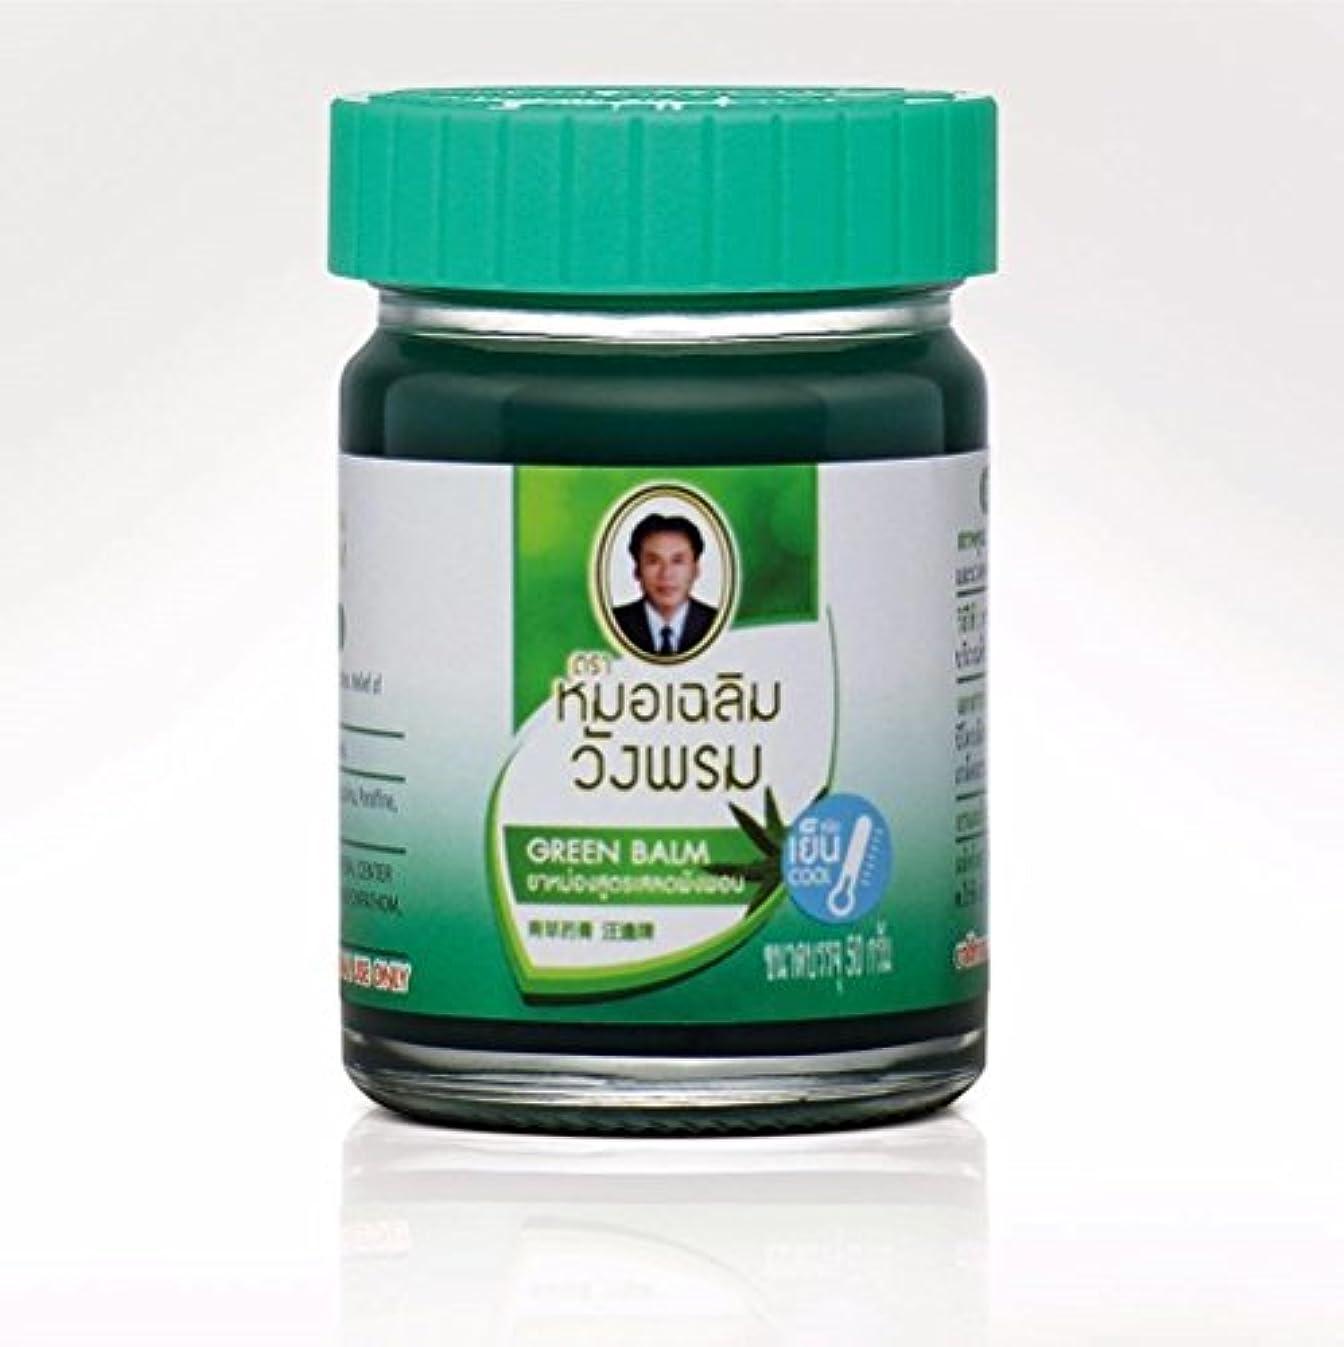 交通渋滞魔術もろい50G.Wangphrom Thai Herbal Balm Massage Body Relief Muscle Pain,Thai Herb Green Balm (COOL) size 50 gram..(2 pc.)